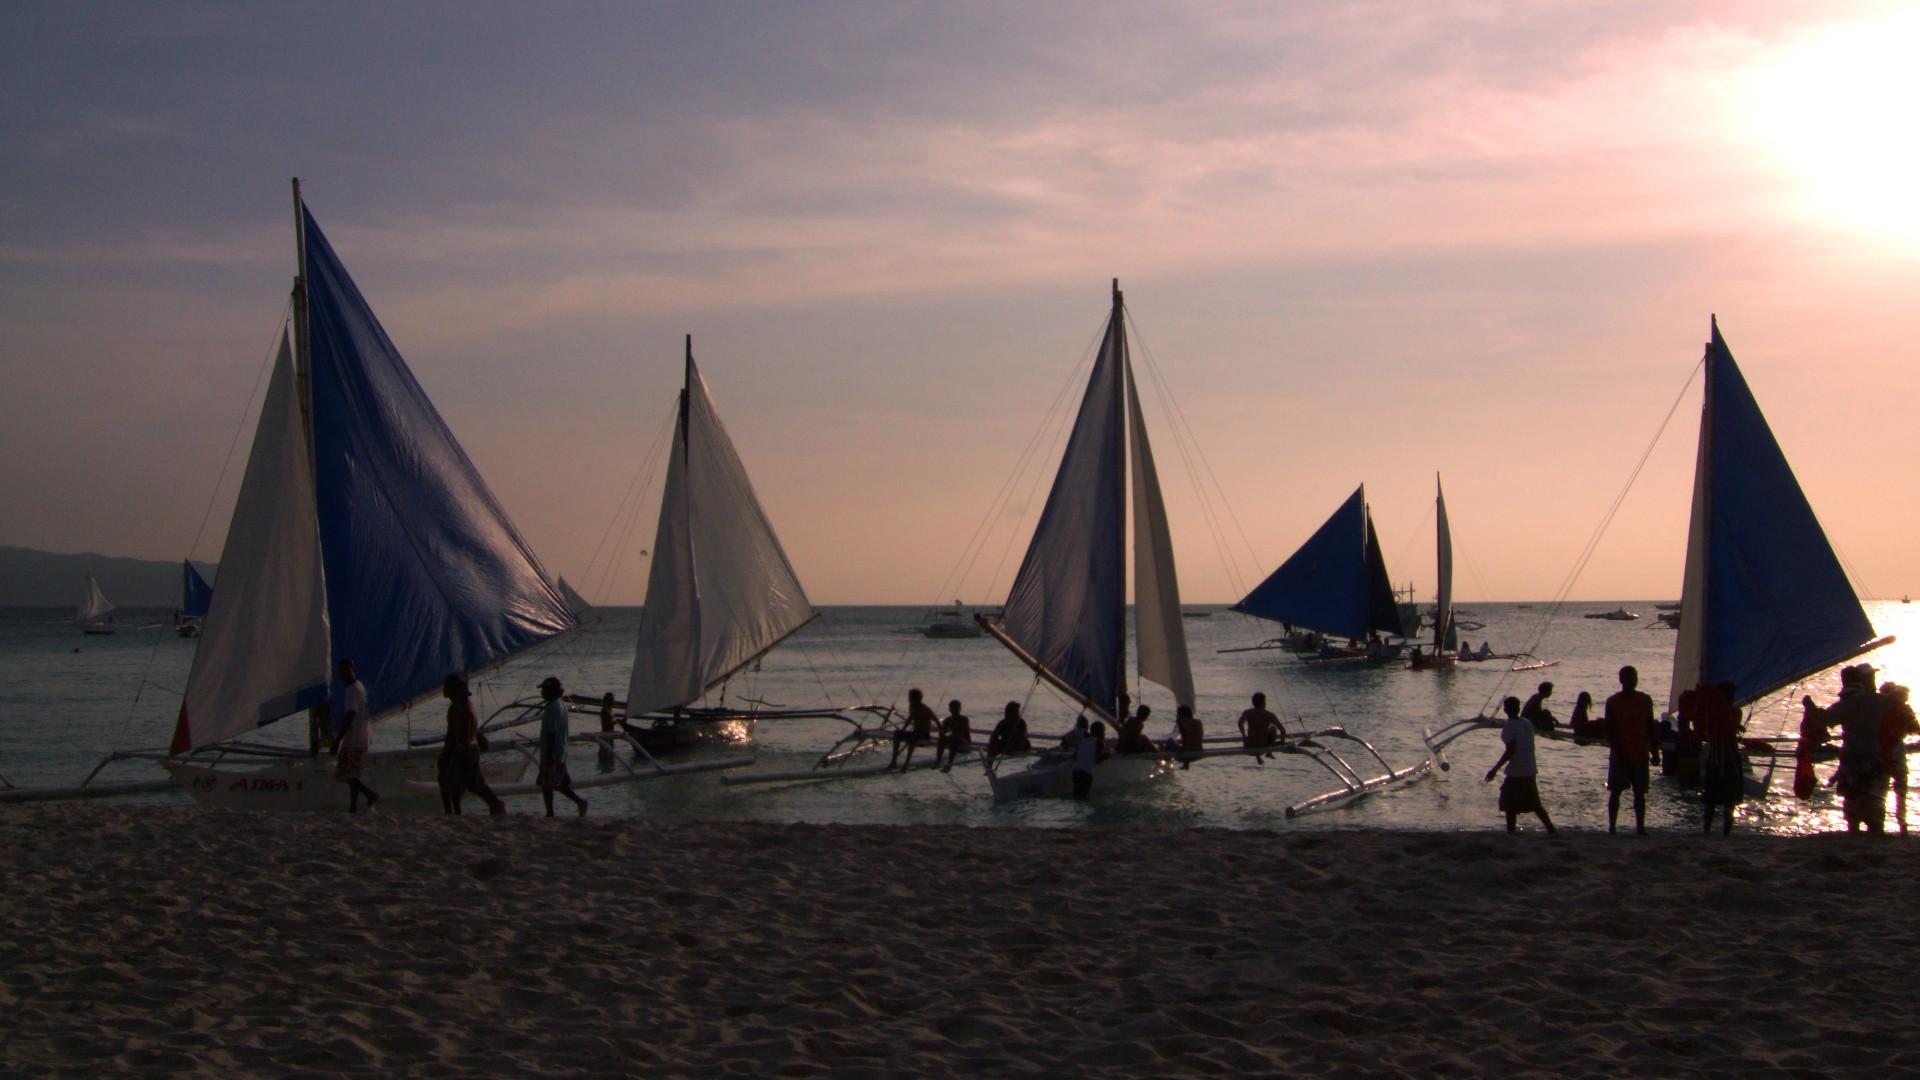 ボラカイ島夕暮れカヌーboracay sunset canoe